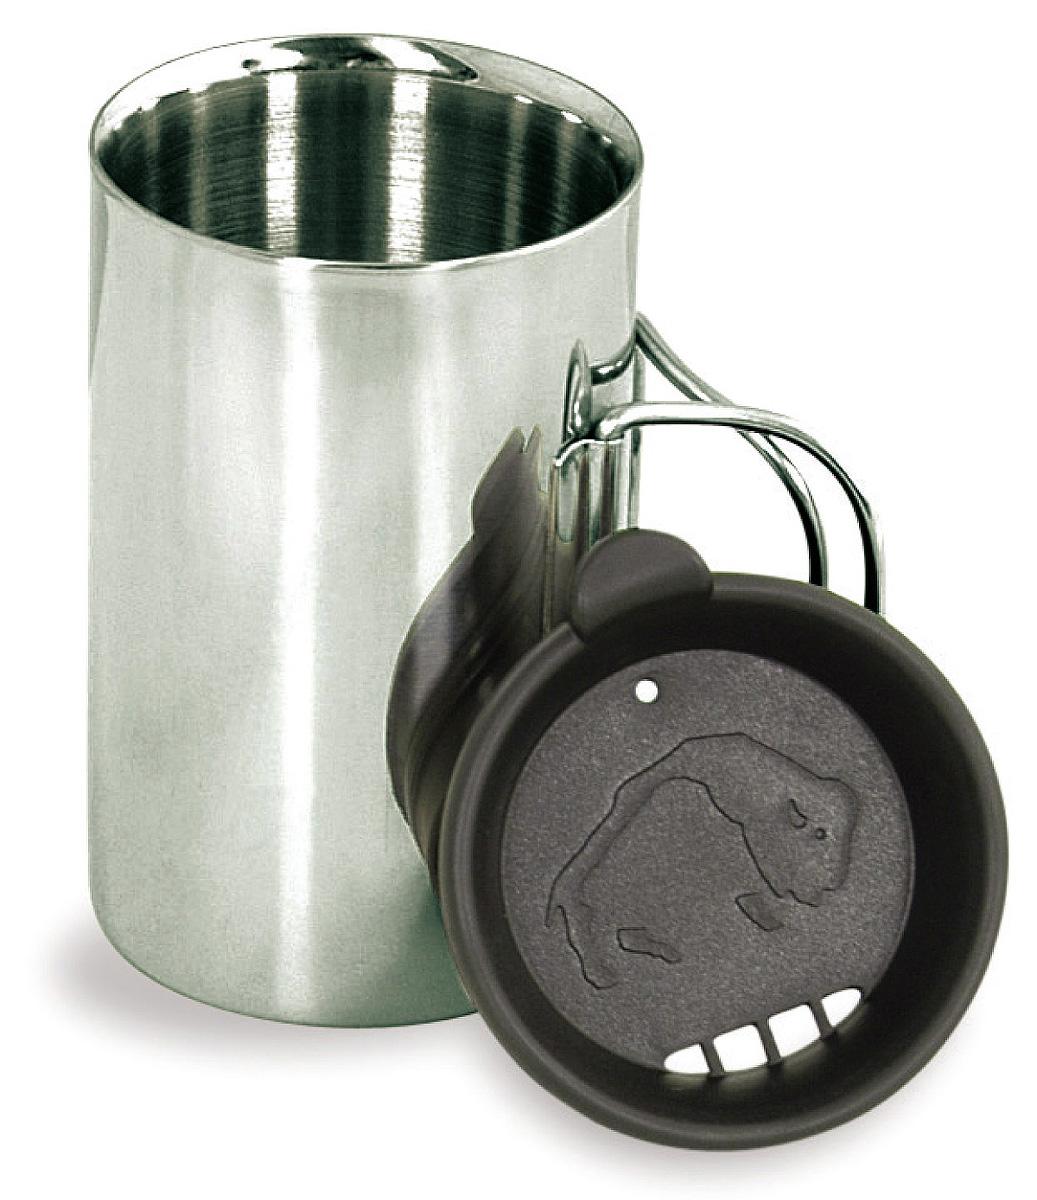 Термокружка с крышкой Tatonka Thermo, 0,35 л термокружка с крышкой tatonka thermo 0 35 л